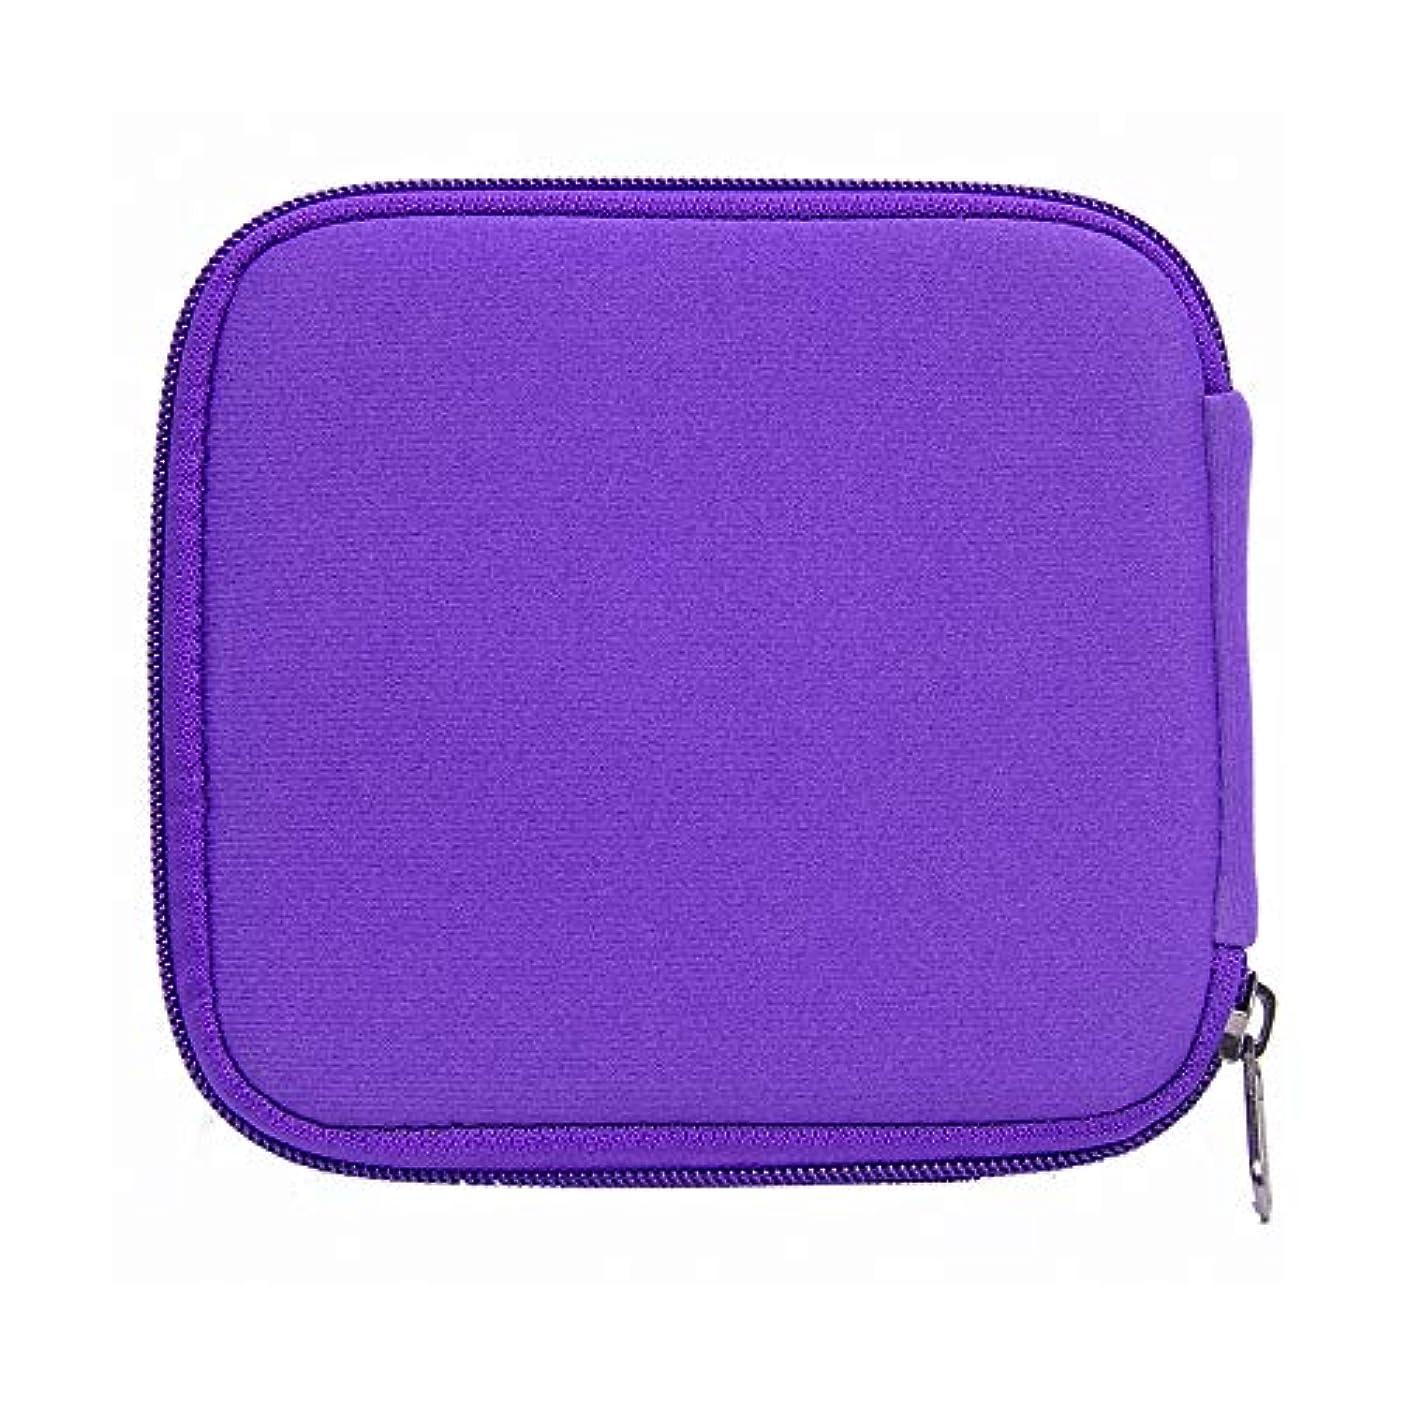 世界の窓フォアタイプ外出エッセンシャルオイルボックス 外部ストレージハード袋を運ぶ10ミリリットルバイアル瓶石油貯蔵カセットを保持している油の旅行のための石油貯蔵タンク10 アロマセラピー収納ボックス (色 : 紫の, サイズ : 14X15X1.5CM)